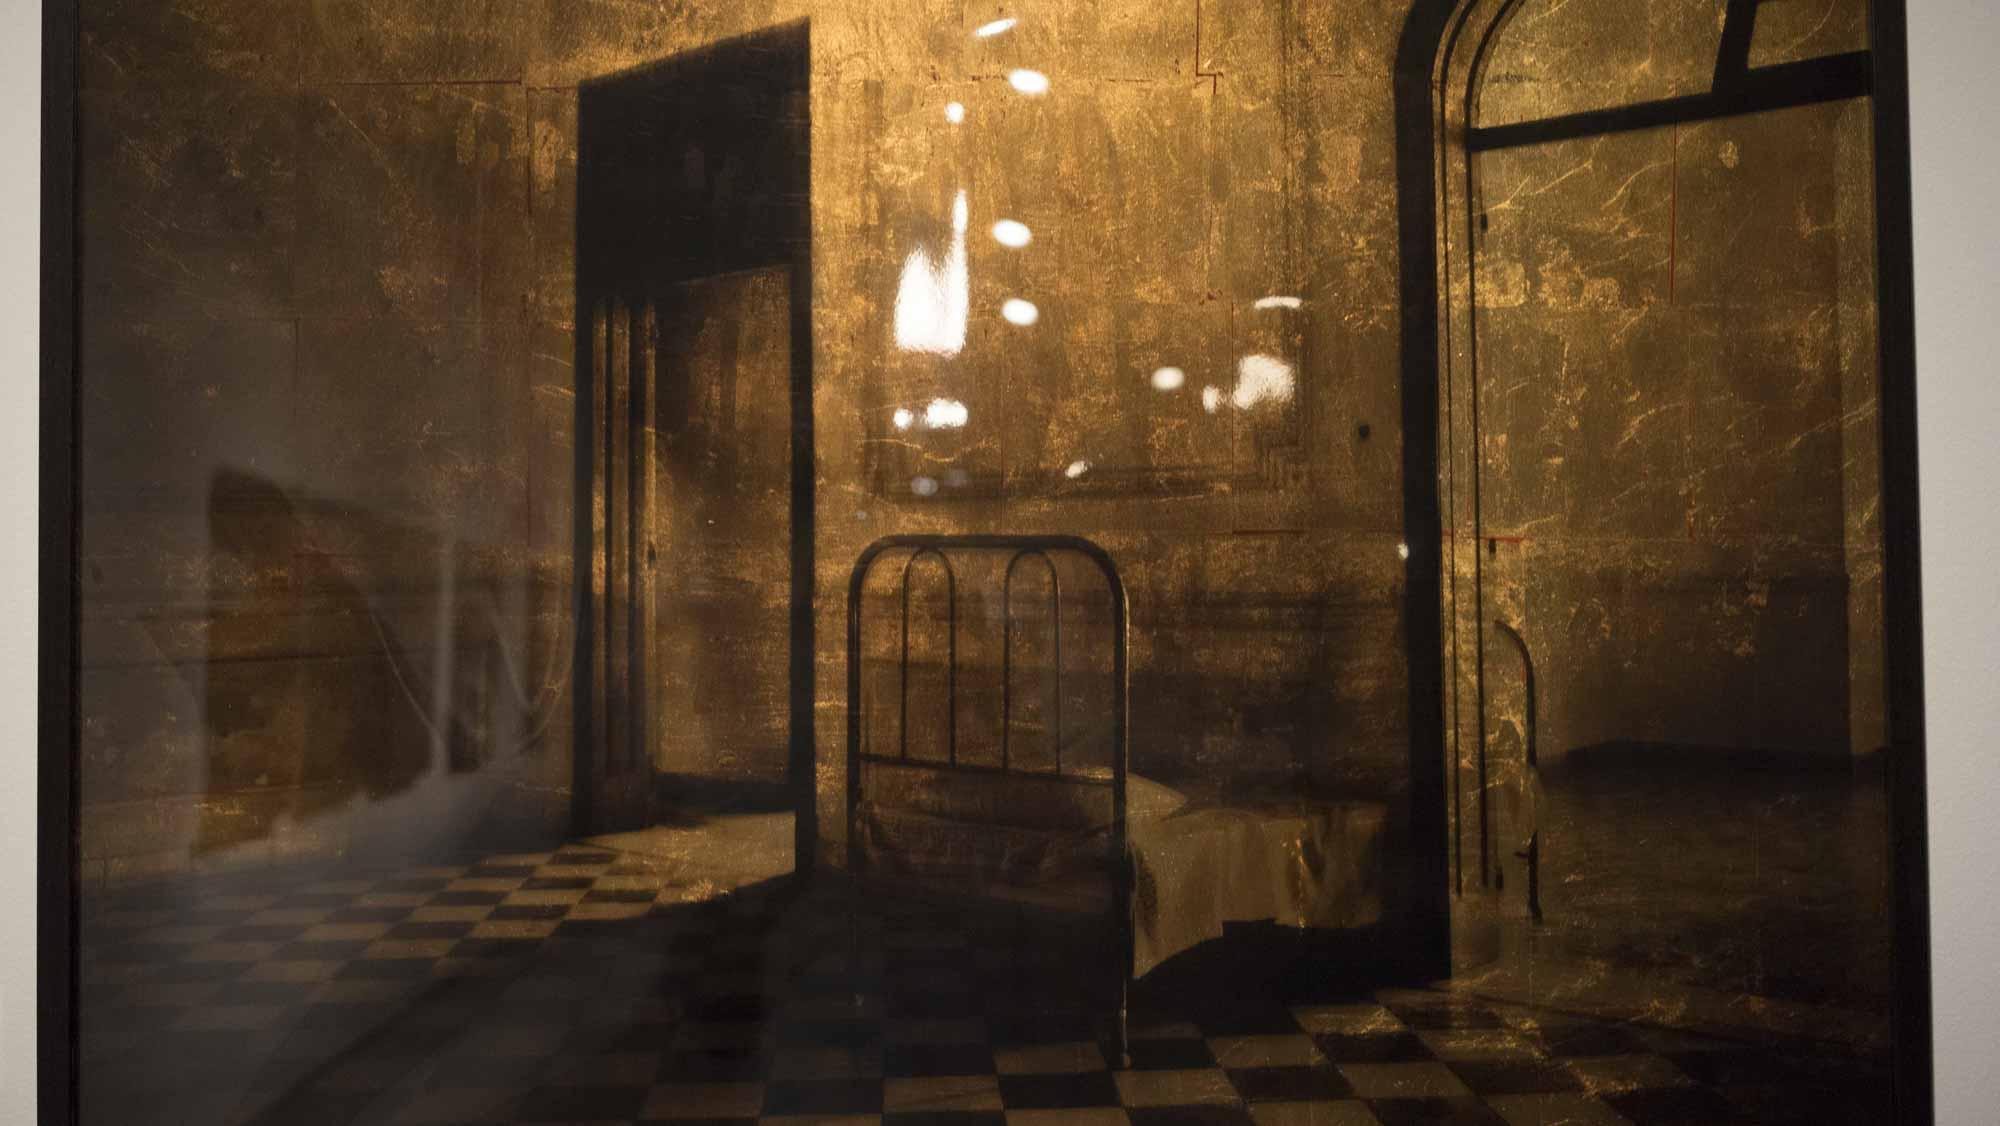 Cama entre habitaciones